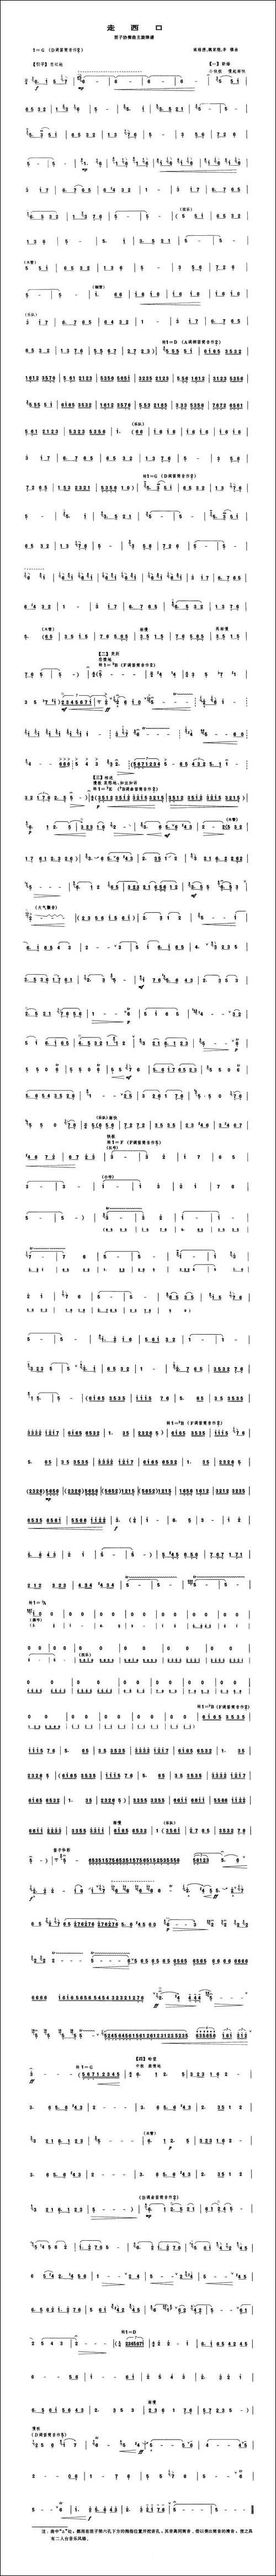 走西口-笛子协奏曲主旋律谱-笛箫间谱|笛箫谱